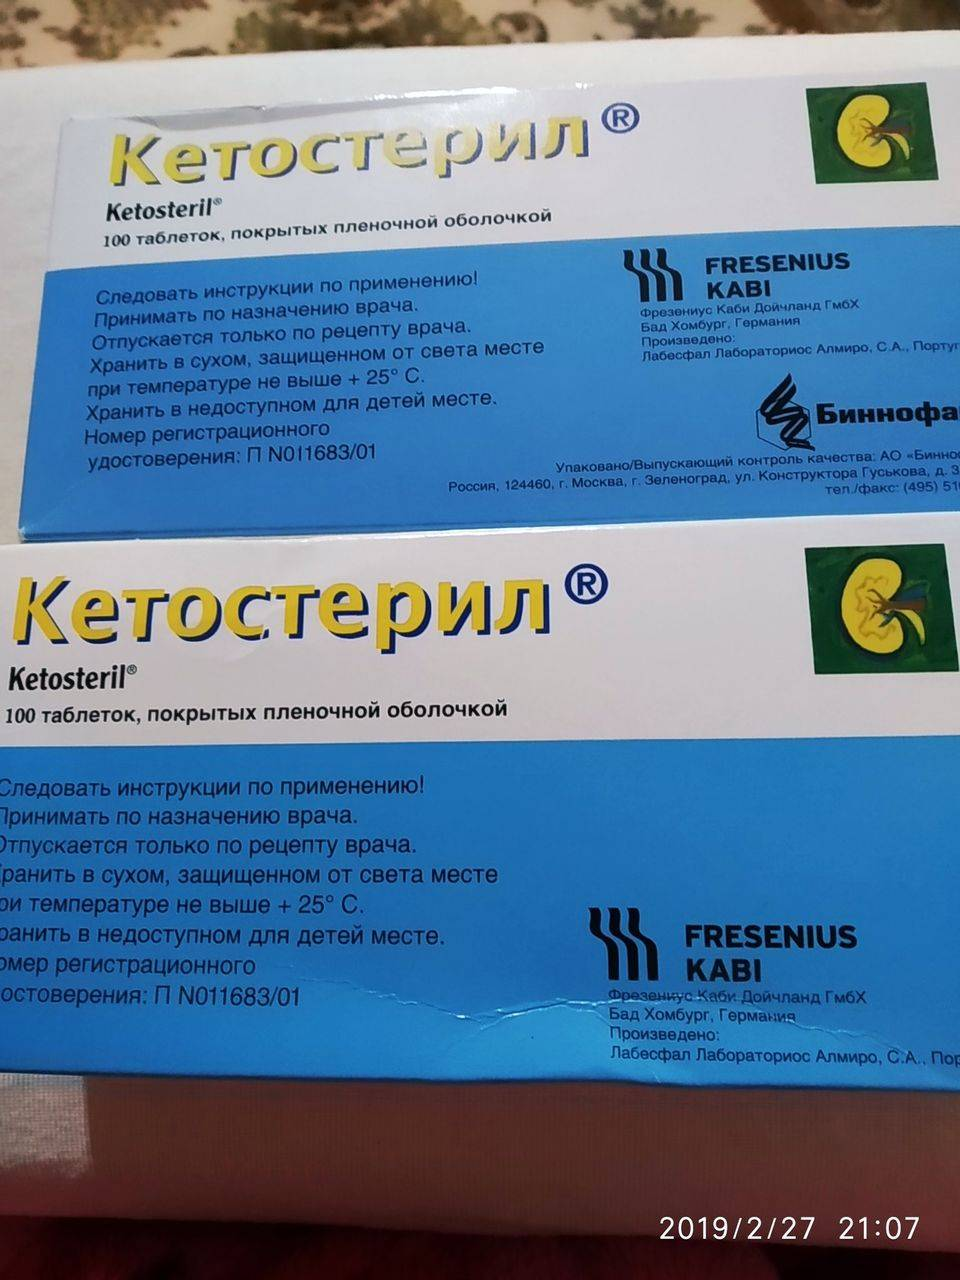 Кетостерил: инструкция, отзывы, аналоги, цена в аптеках - медицинский портал medcentre24.ru